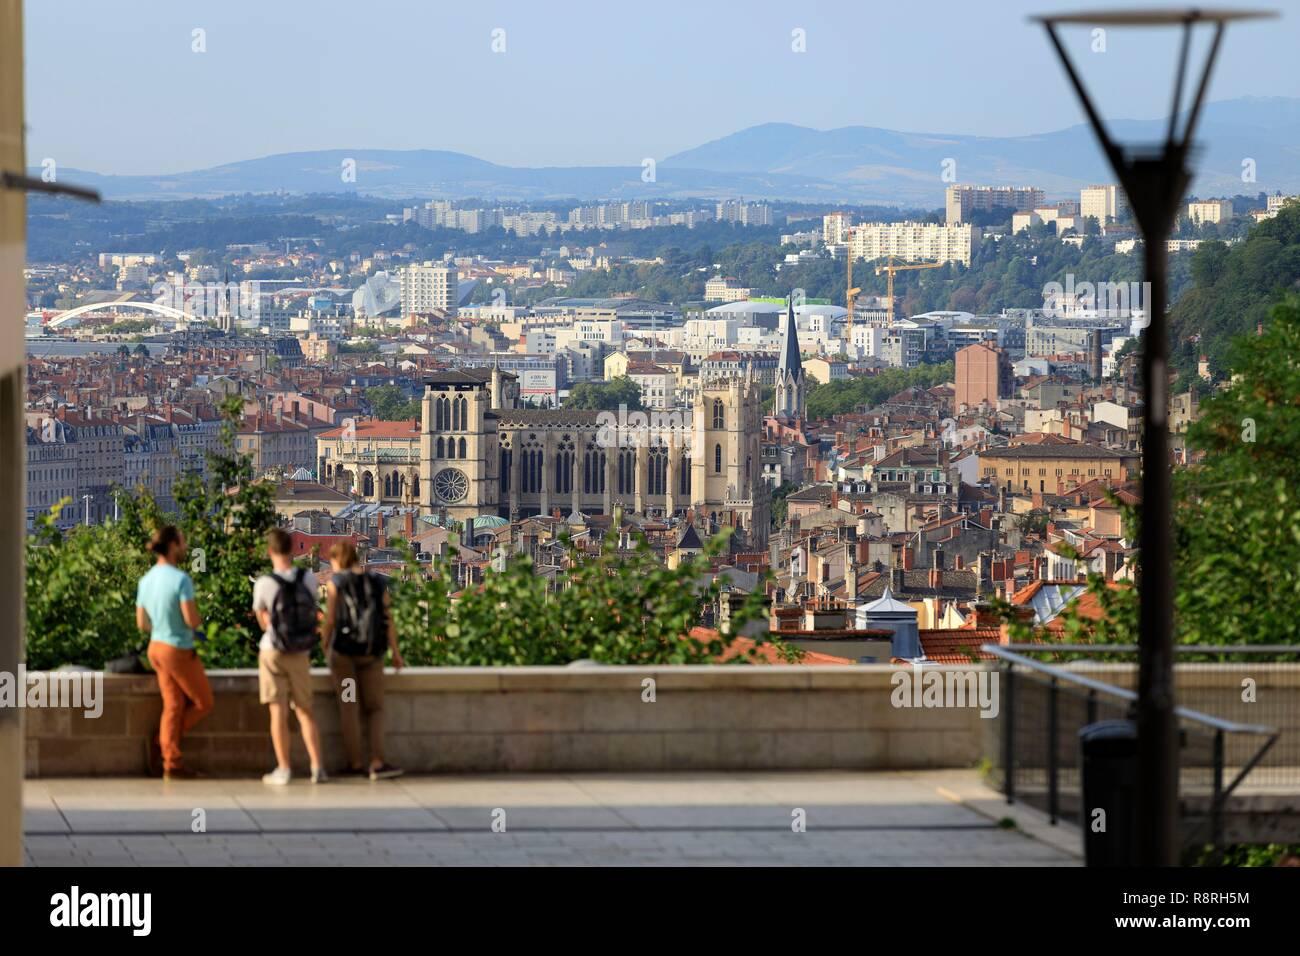 France, Rhone, Lyon, 1st arrondissement, Les Pentes district of La ...